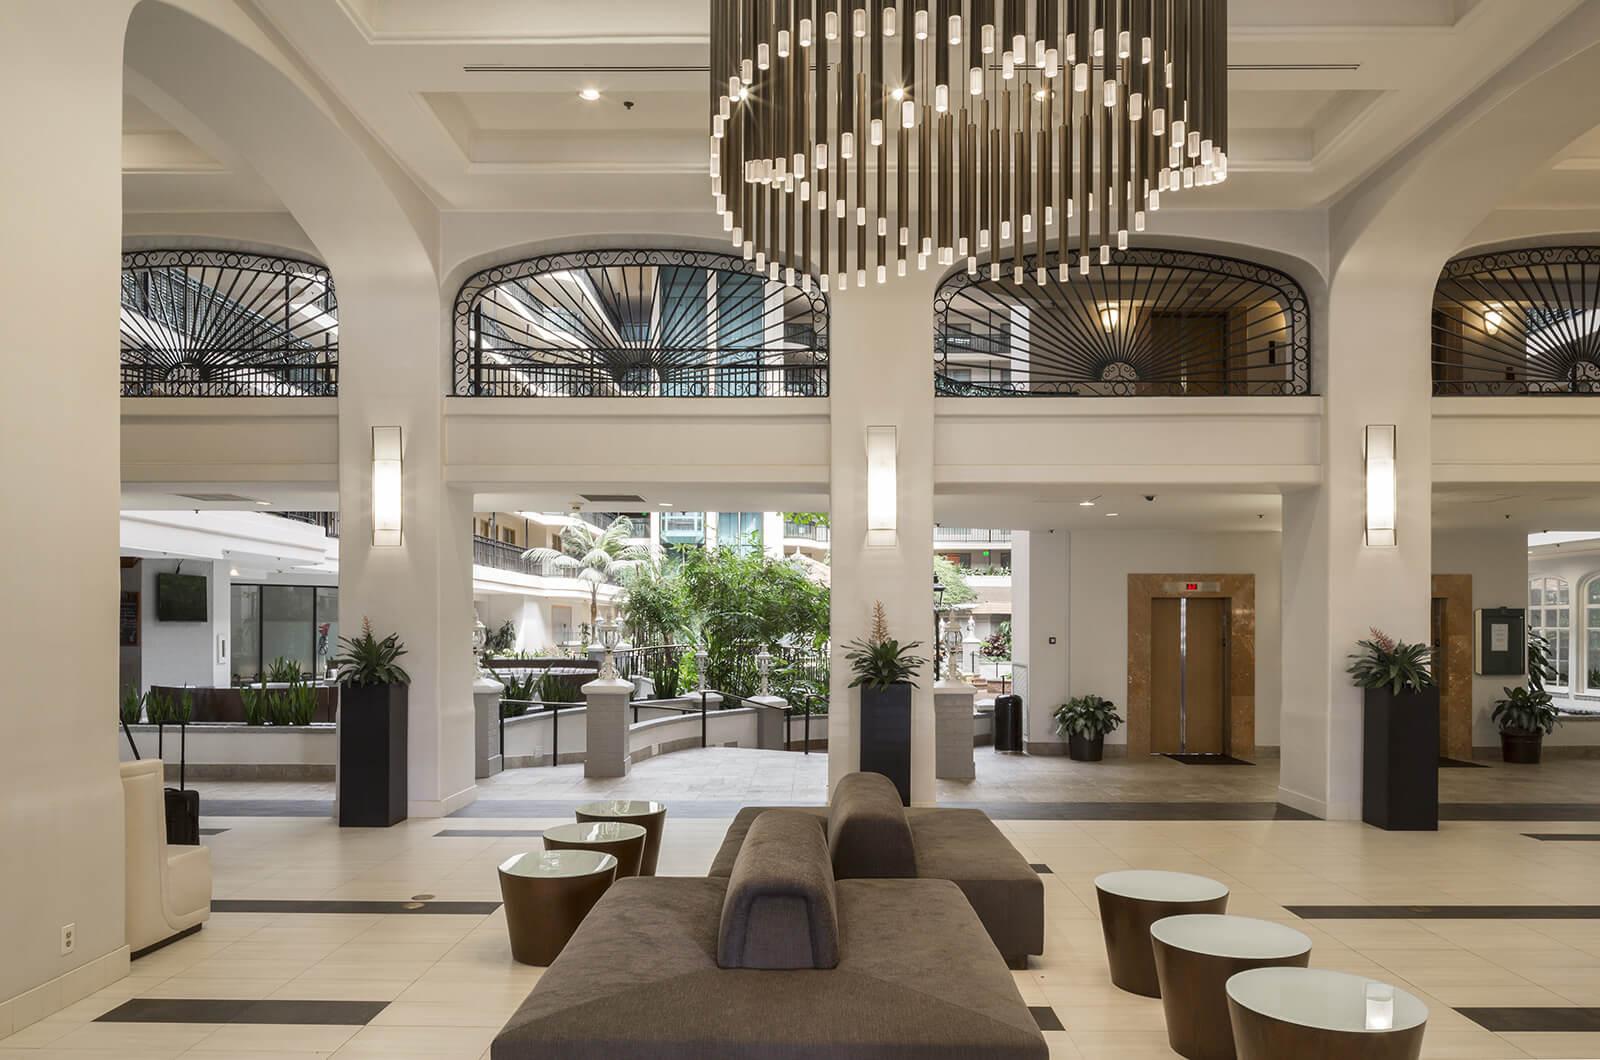 Embassy-Suites-Anaheim-2